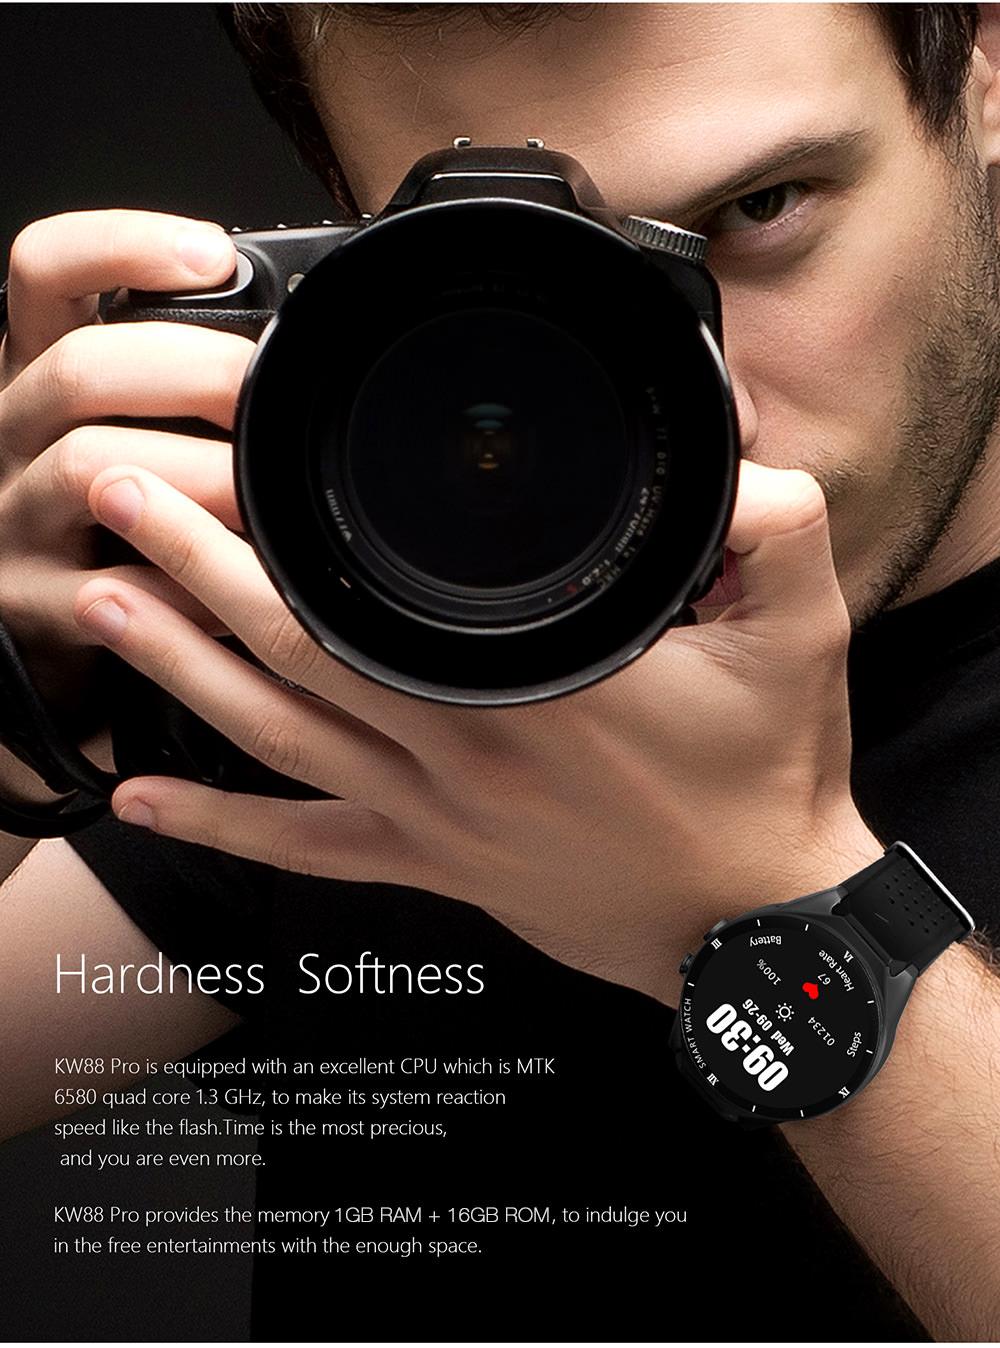 kingwear kw88 pro smartwatch phone